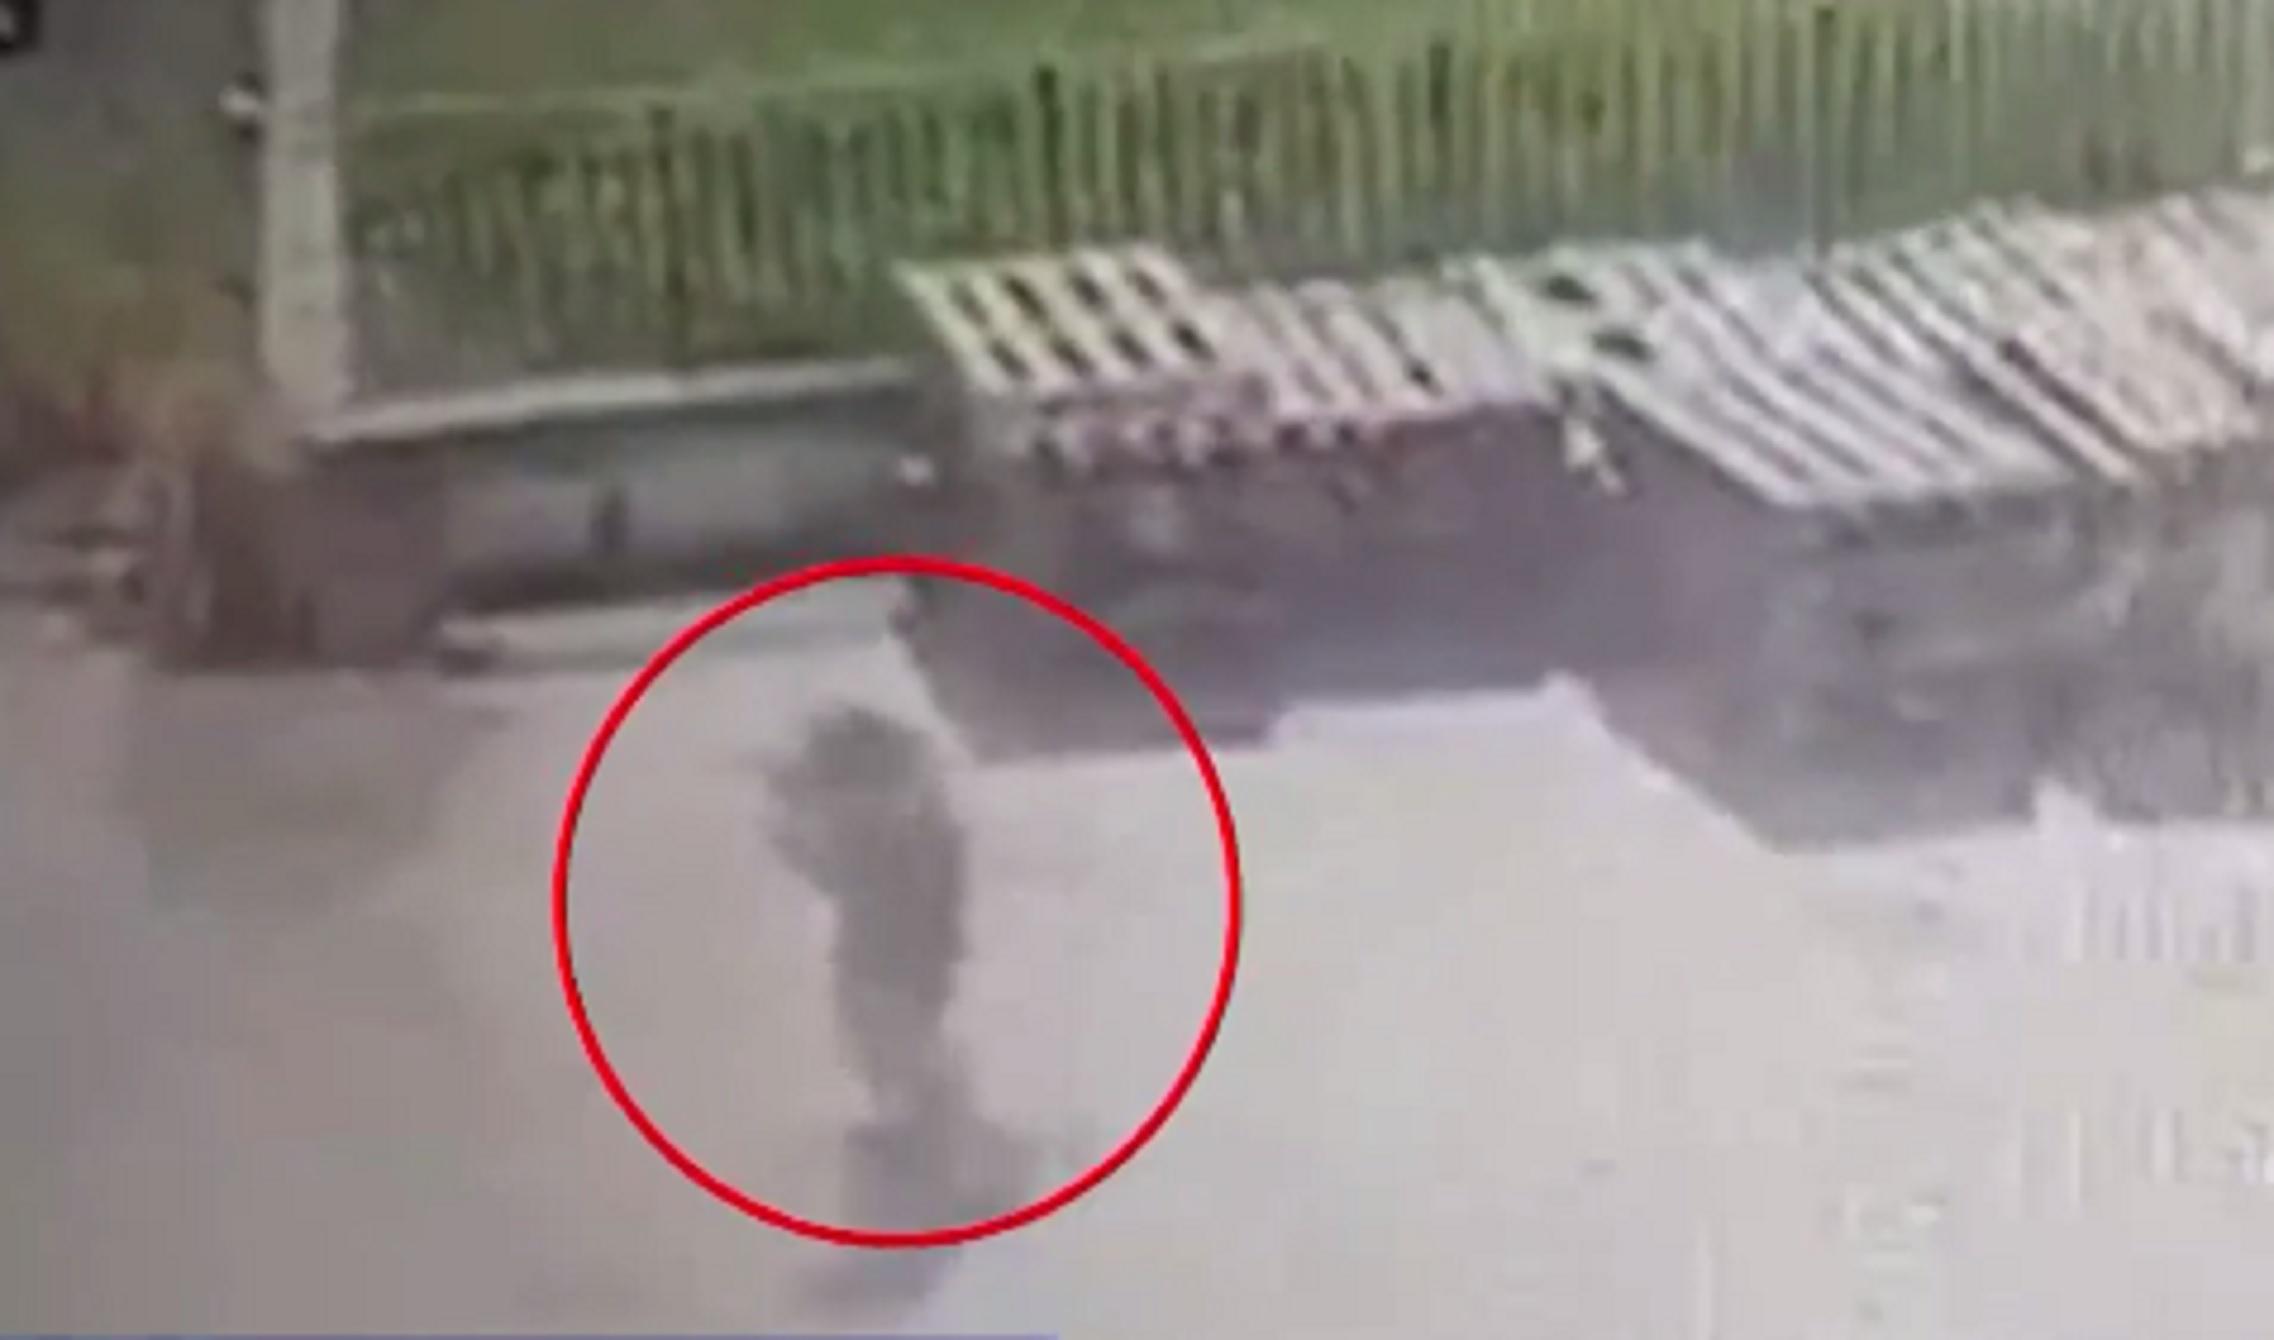 Λακωνία: Έκανε ότι μιλάει στο τηλέφωνο και έκλεψε ένα αυτοκίνητο